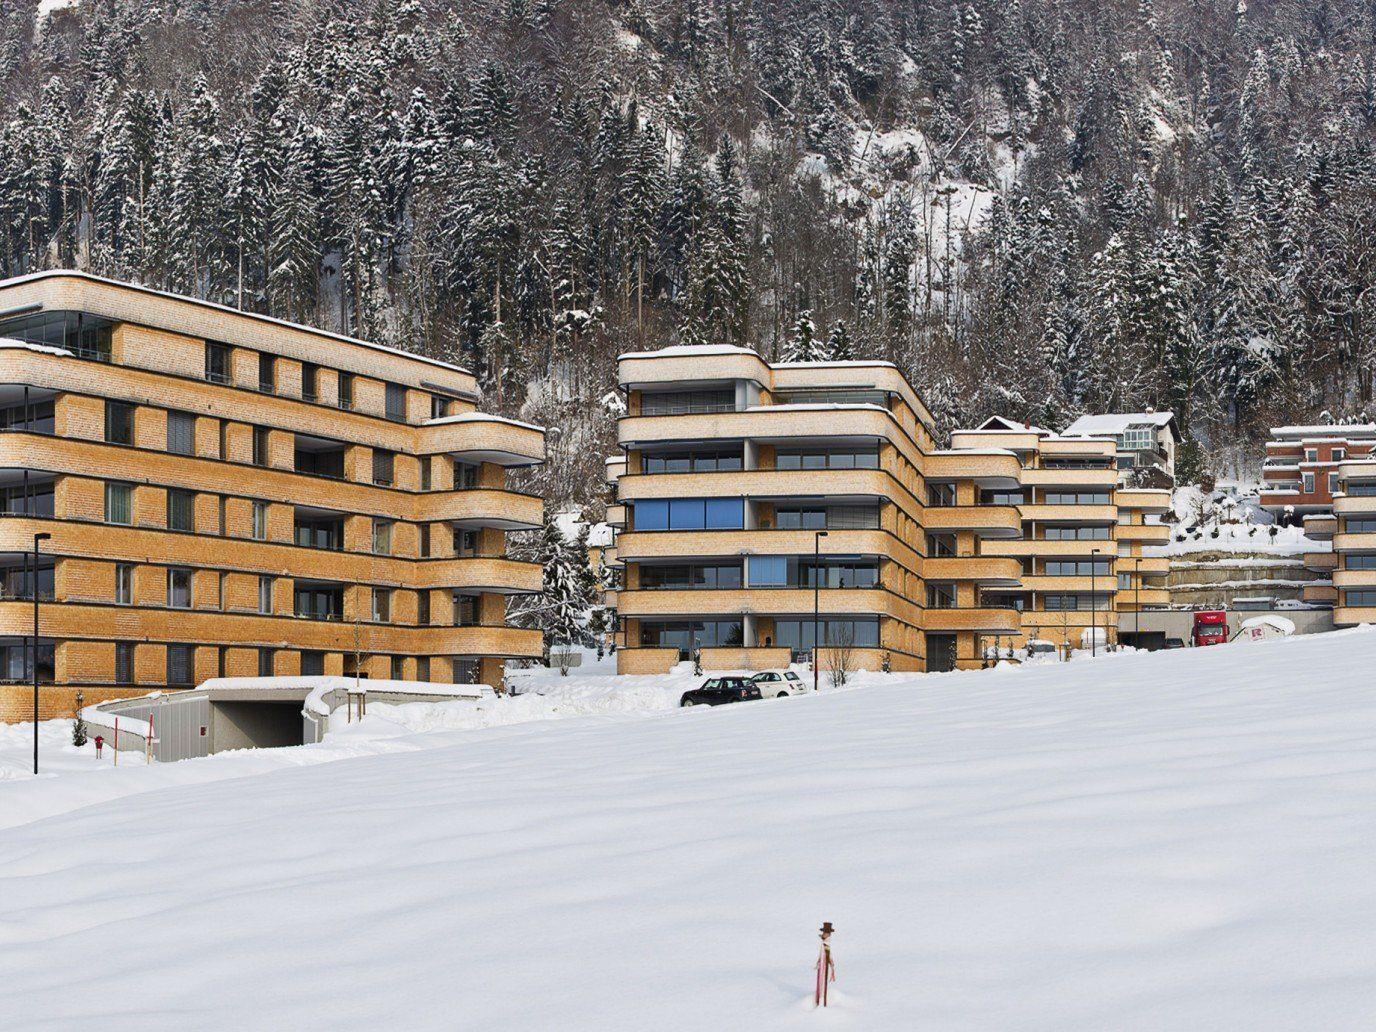 """Mit der Übergabe aller Wohnungen konnte das Projekt Wohnanlage """"Die Neue Seeschanze"""" in Lochau abgeschlossen werden."""